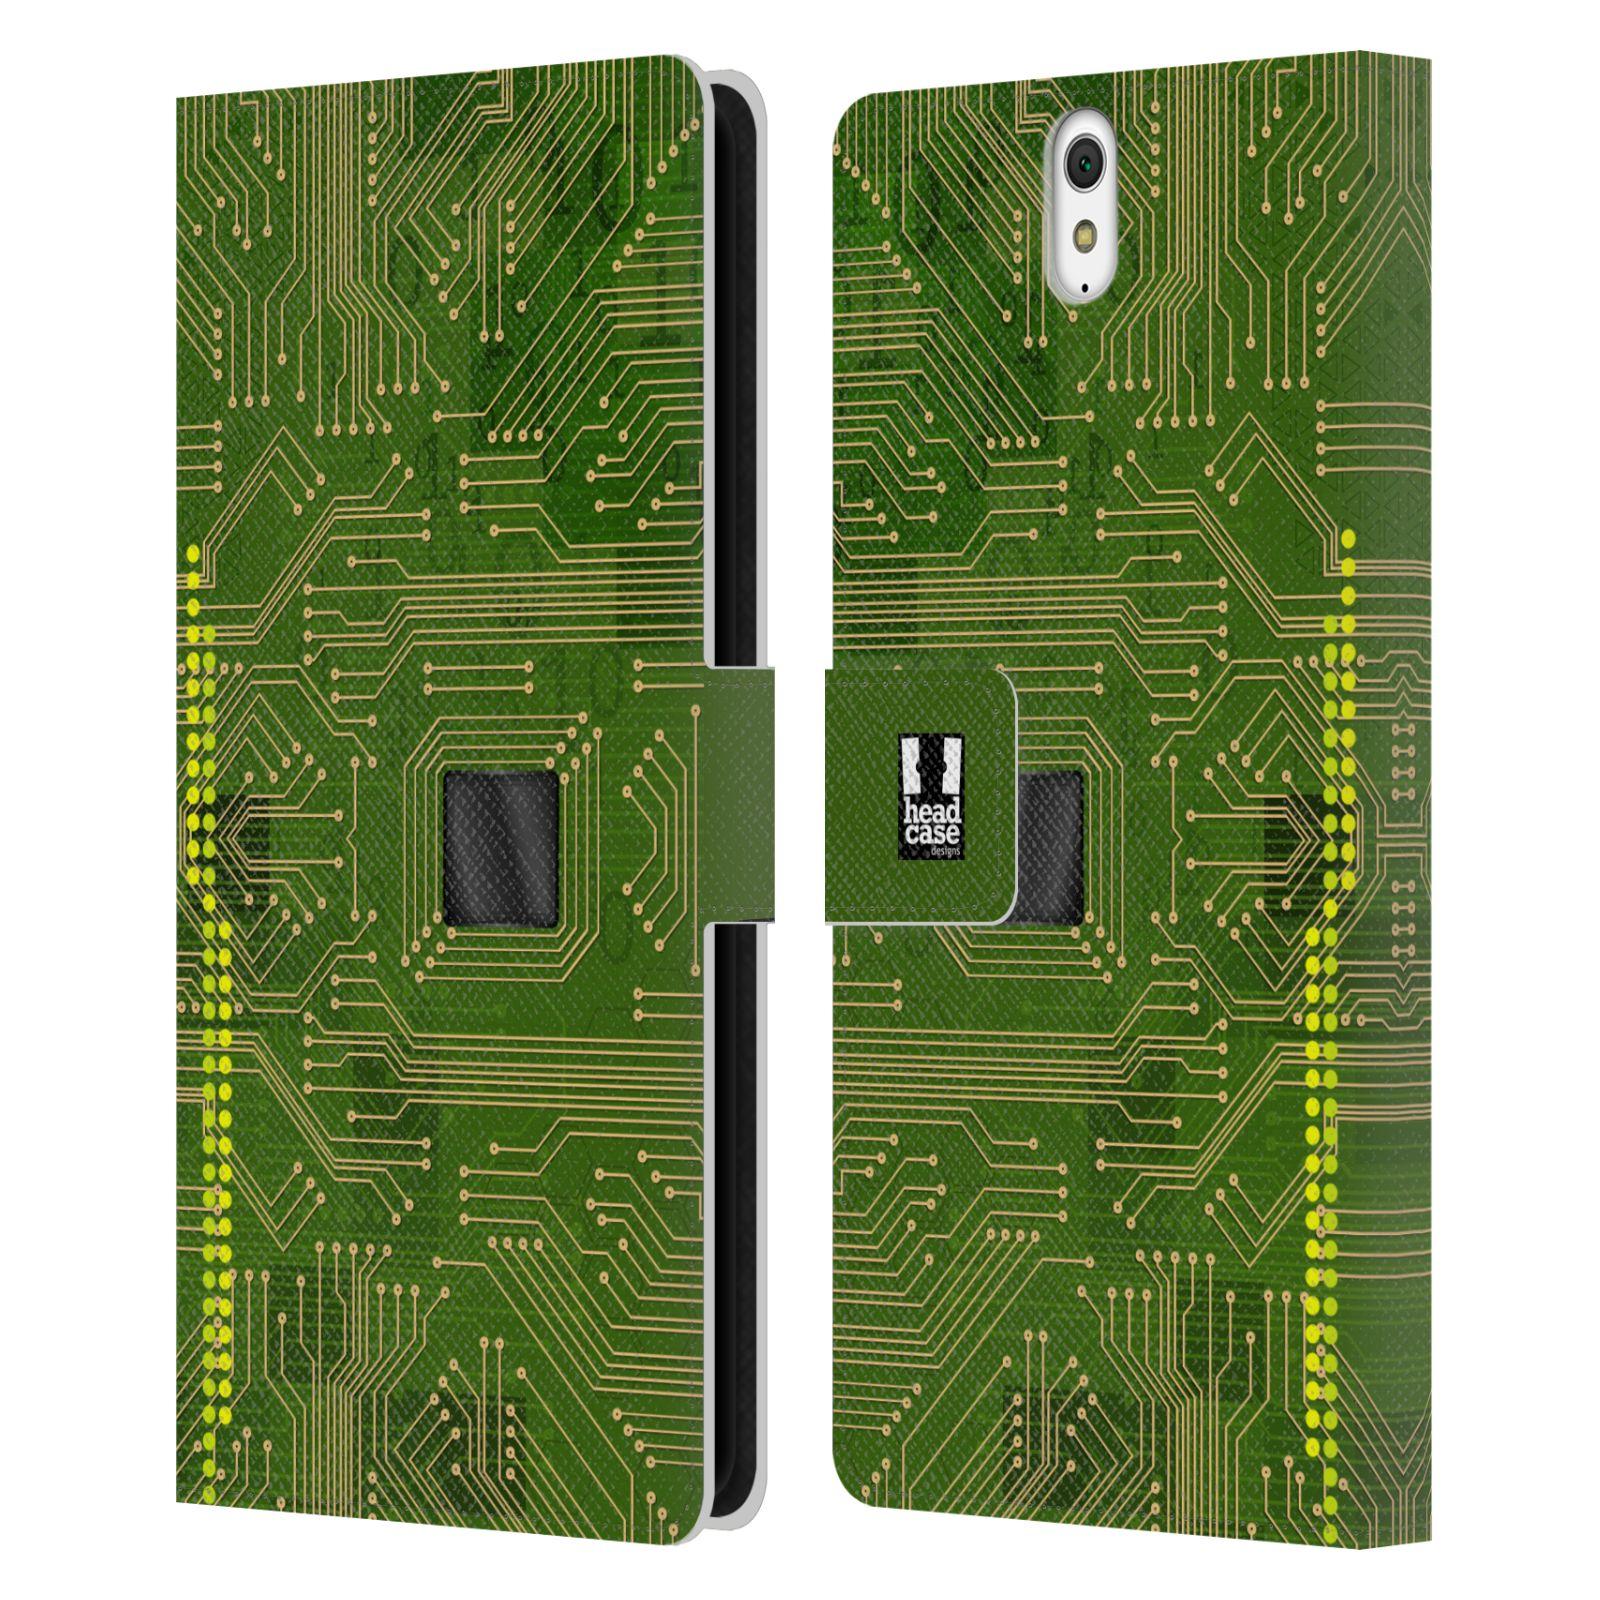 HEAD CASE Flipové pouzdro pro mobil SONY XPERIA C5 Ultra počítač základní deska zelená barva